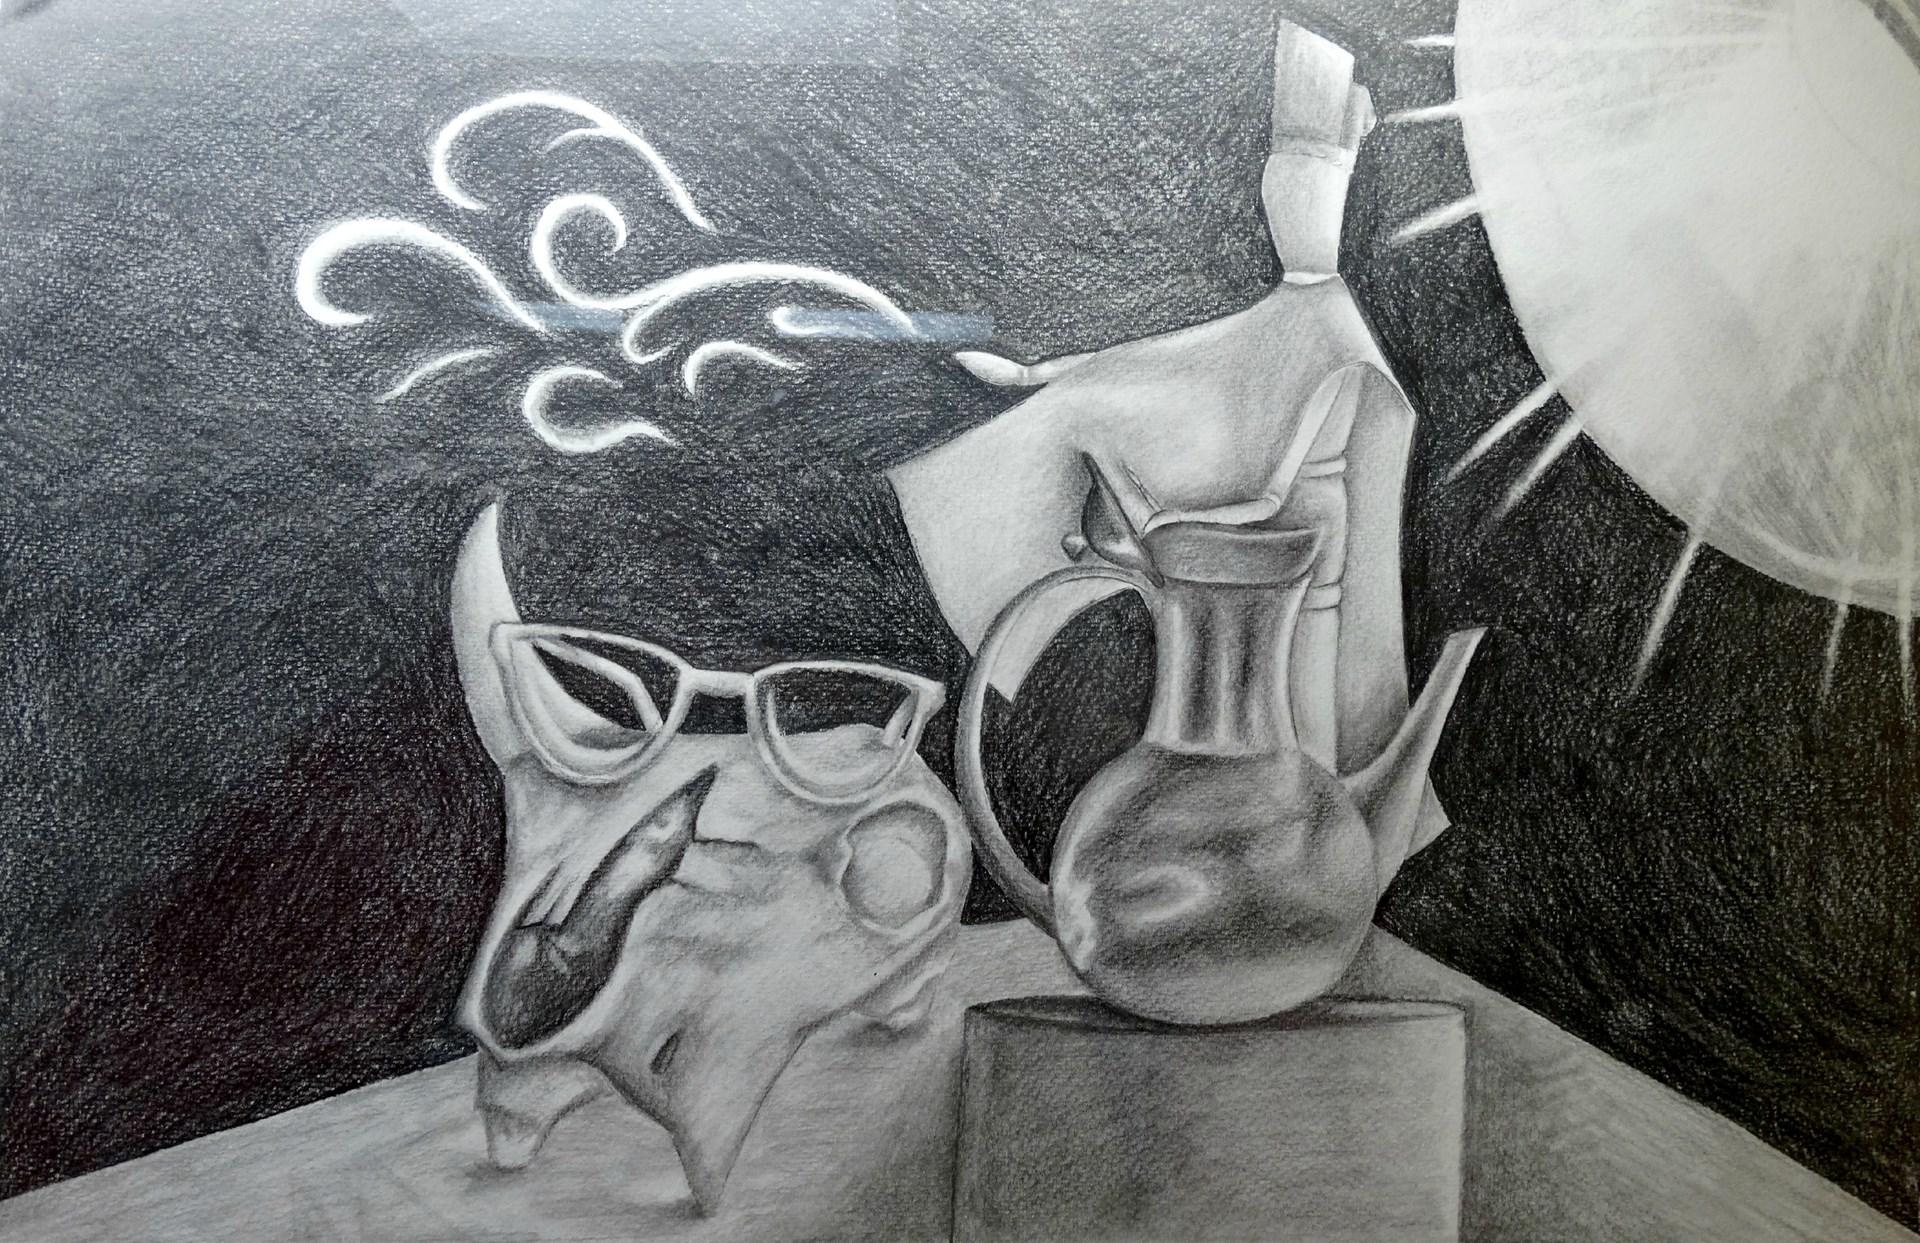 Artist: Jacqueline Foran, Grade 12 at McGuffey HS